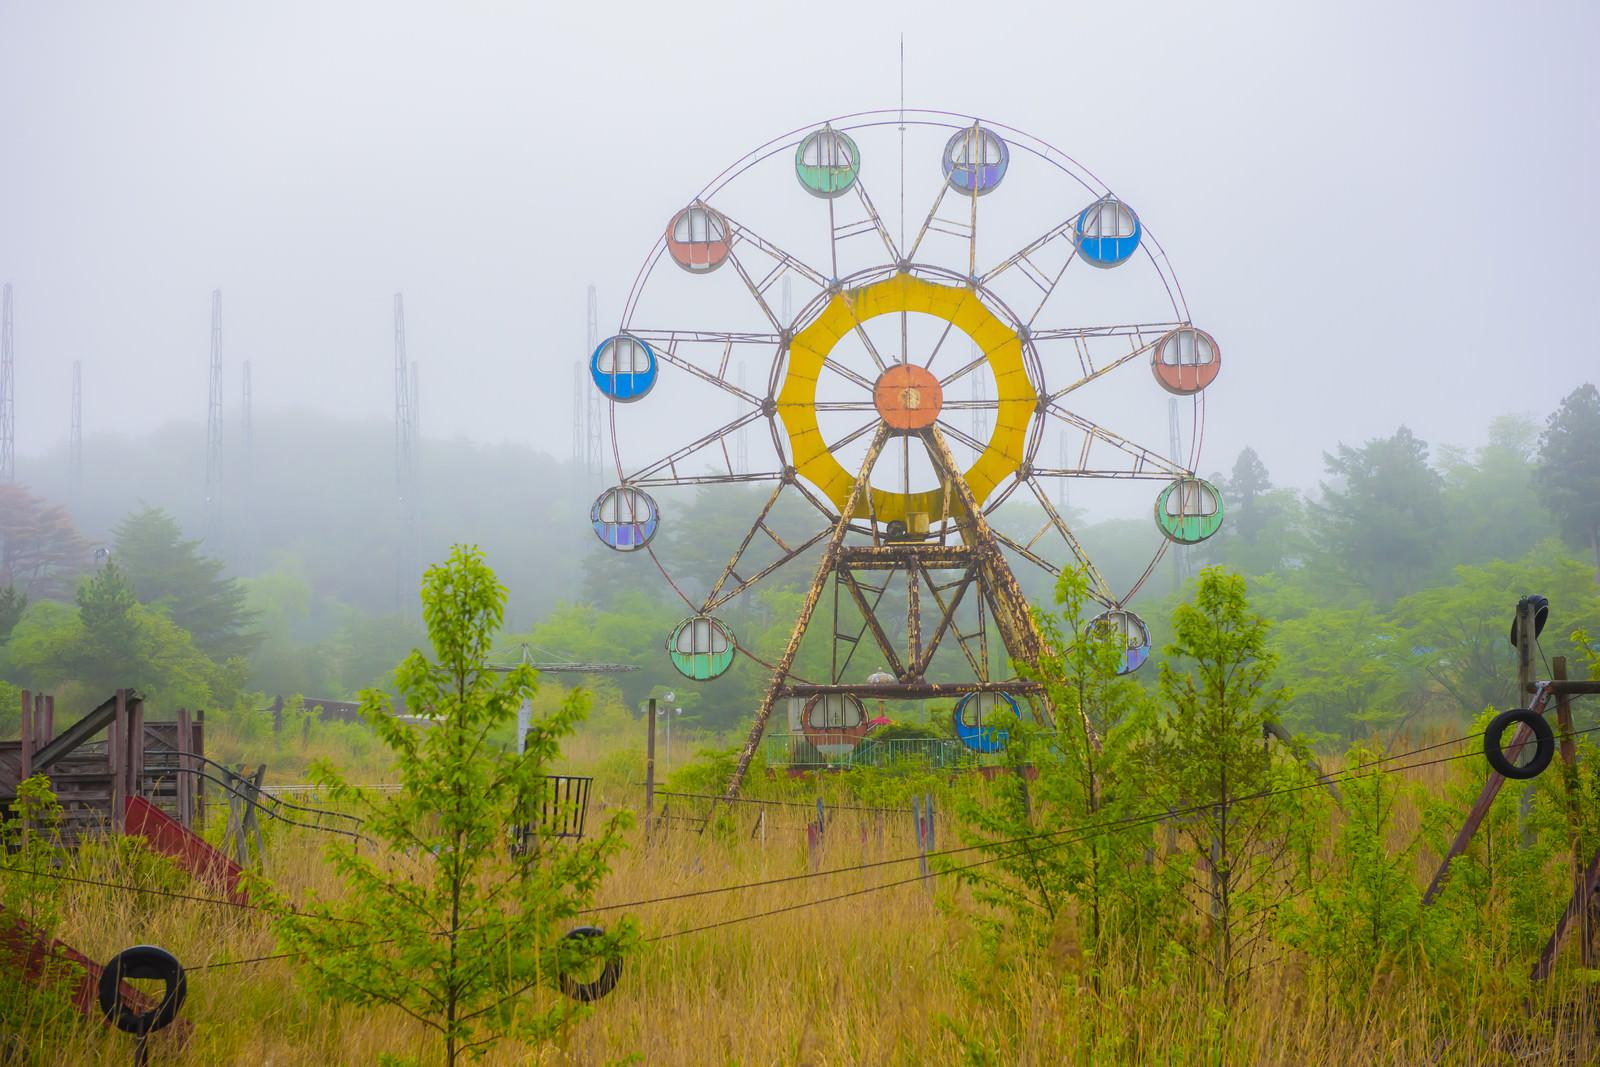 「霧の中の遊園地廃墟霧の中の遊園地廃墟」のフリー写真素材を拡大